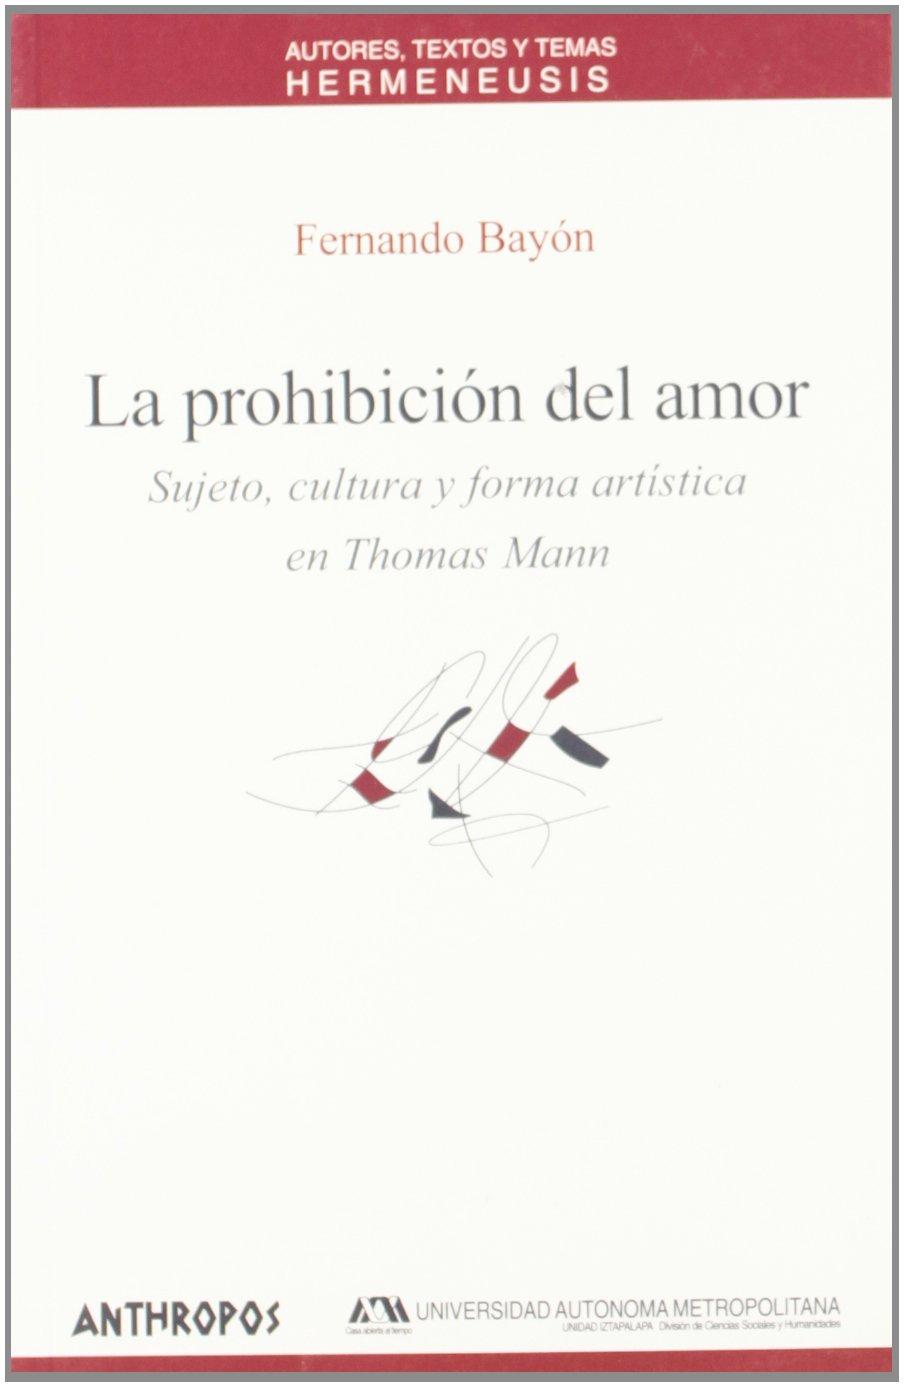 PROHIBICION DEL AMOR, LA (Spanish Edition): Fernando Bayon: 9788476587010: Amazon.com: Books